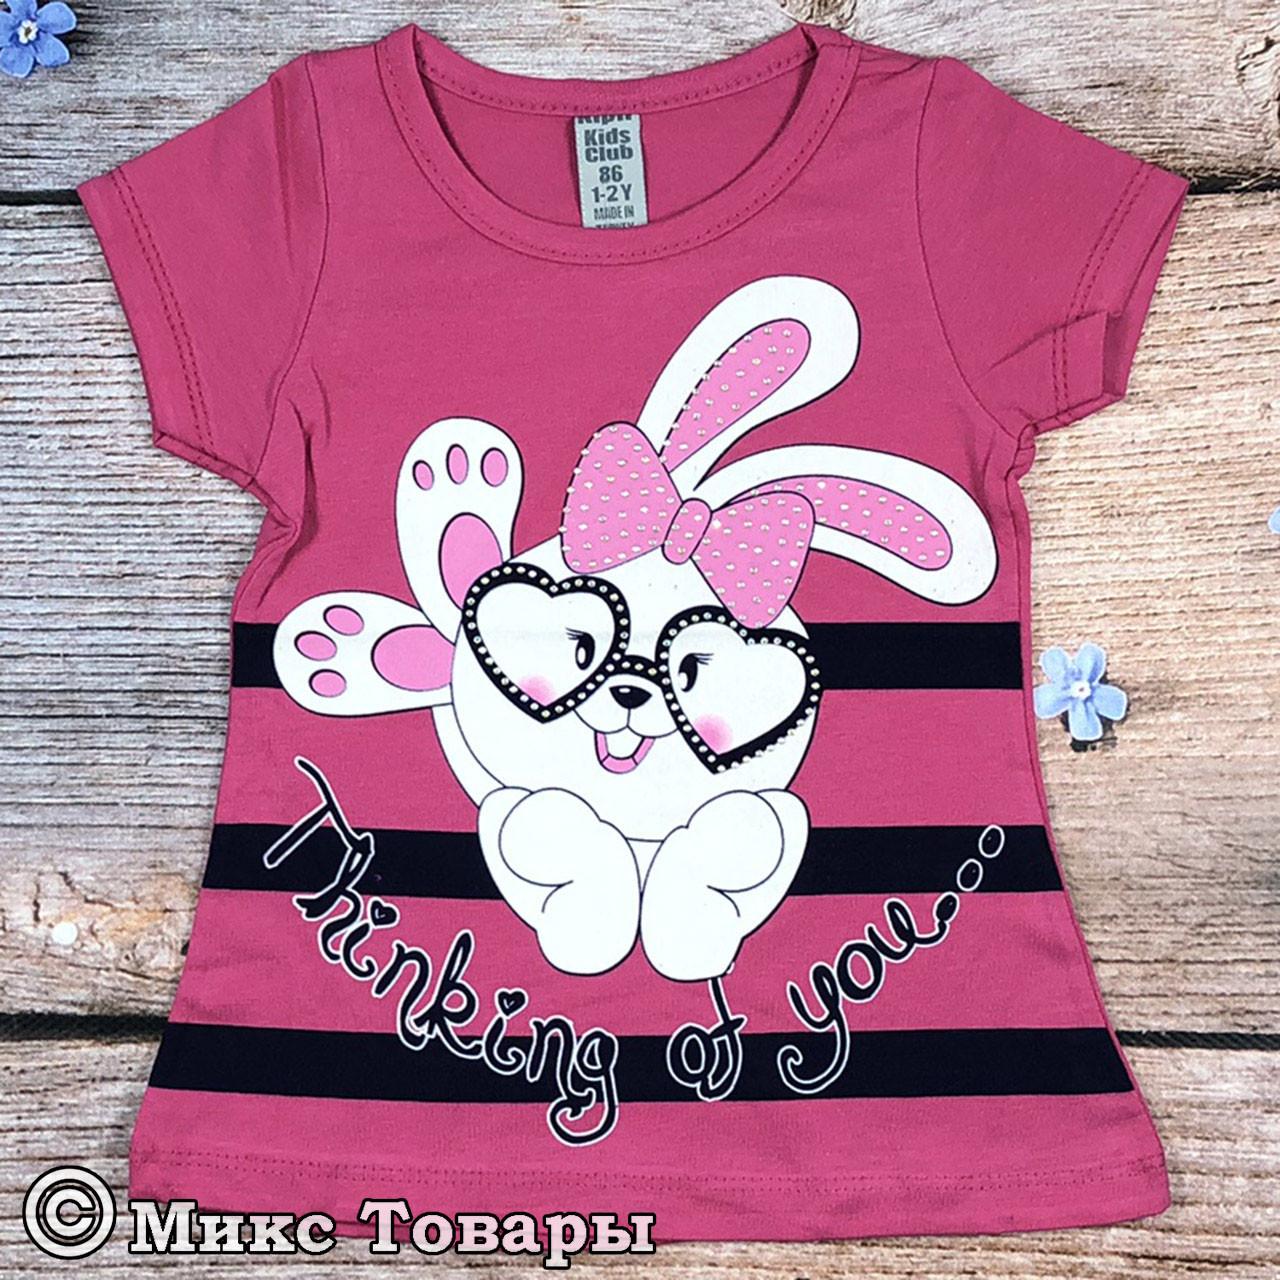 Детская футболка для девочки Размеры: 86,92,98,104 см (7690-2)